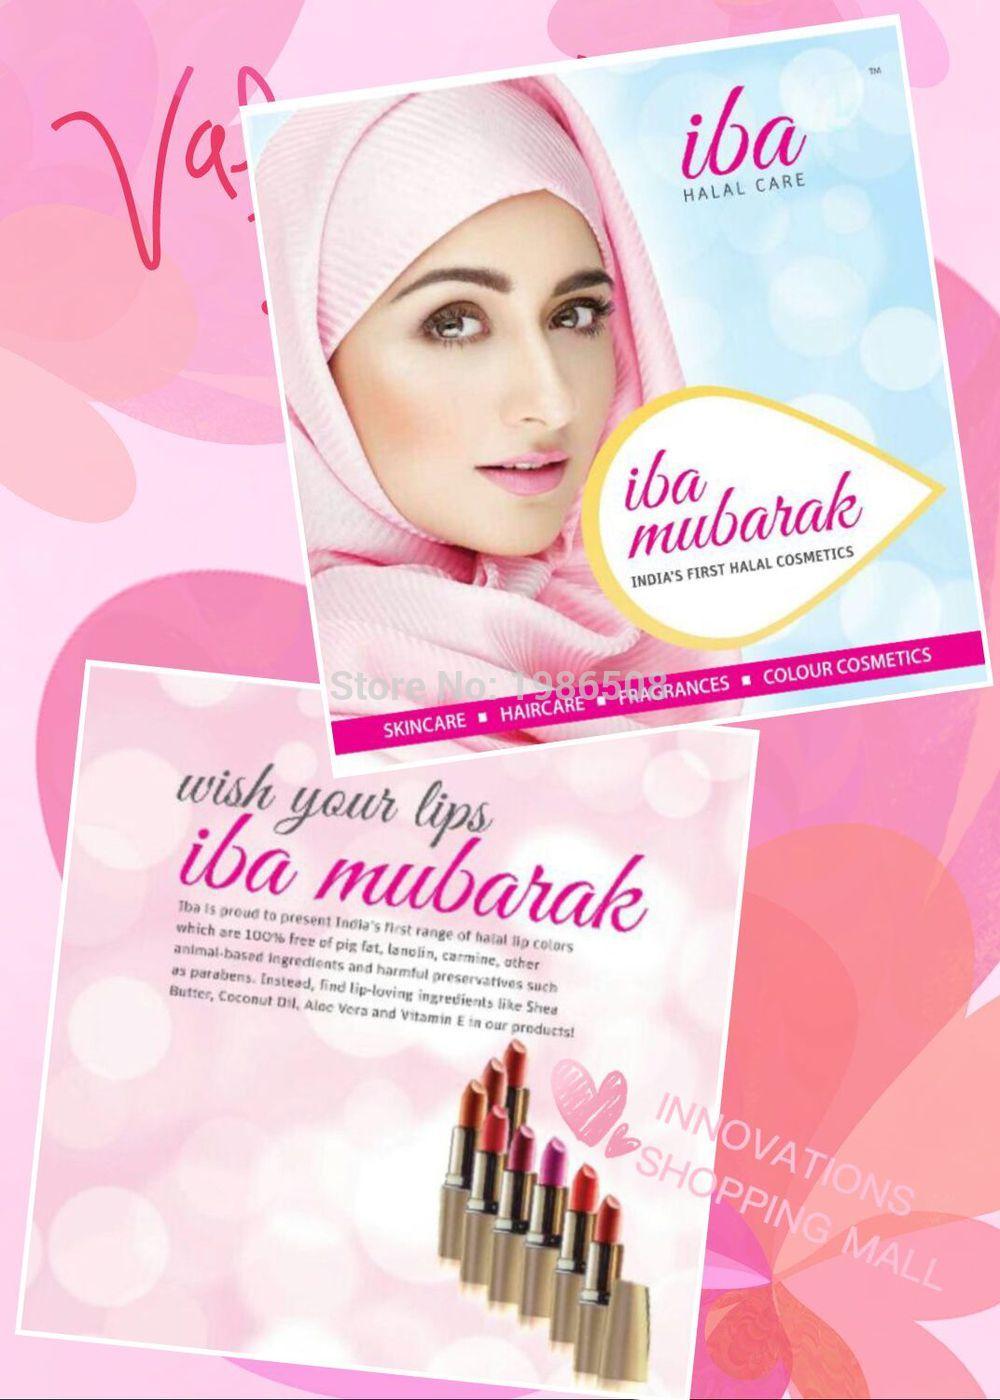 NEW 100% Halal Glossy Lipstick Halal Matte Lipstick Nature